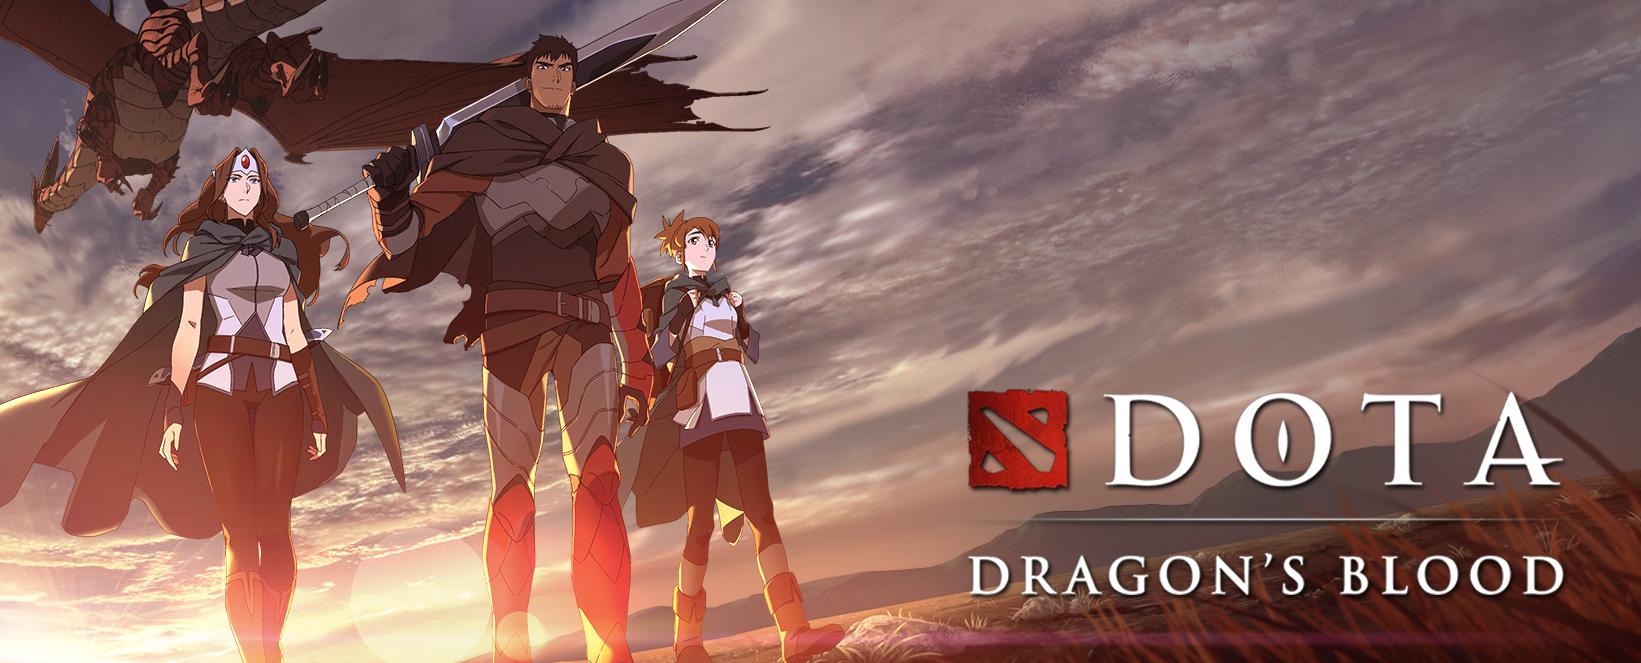 Siri animasi Netflix, DOTA: Dragon's Blood yang bakal menemui peminat penghujung Mac nanti bakal hadir dengan 12 bahasa berlainan